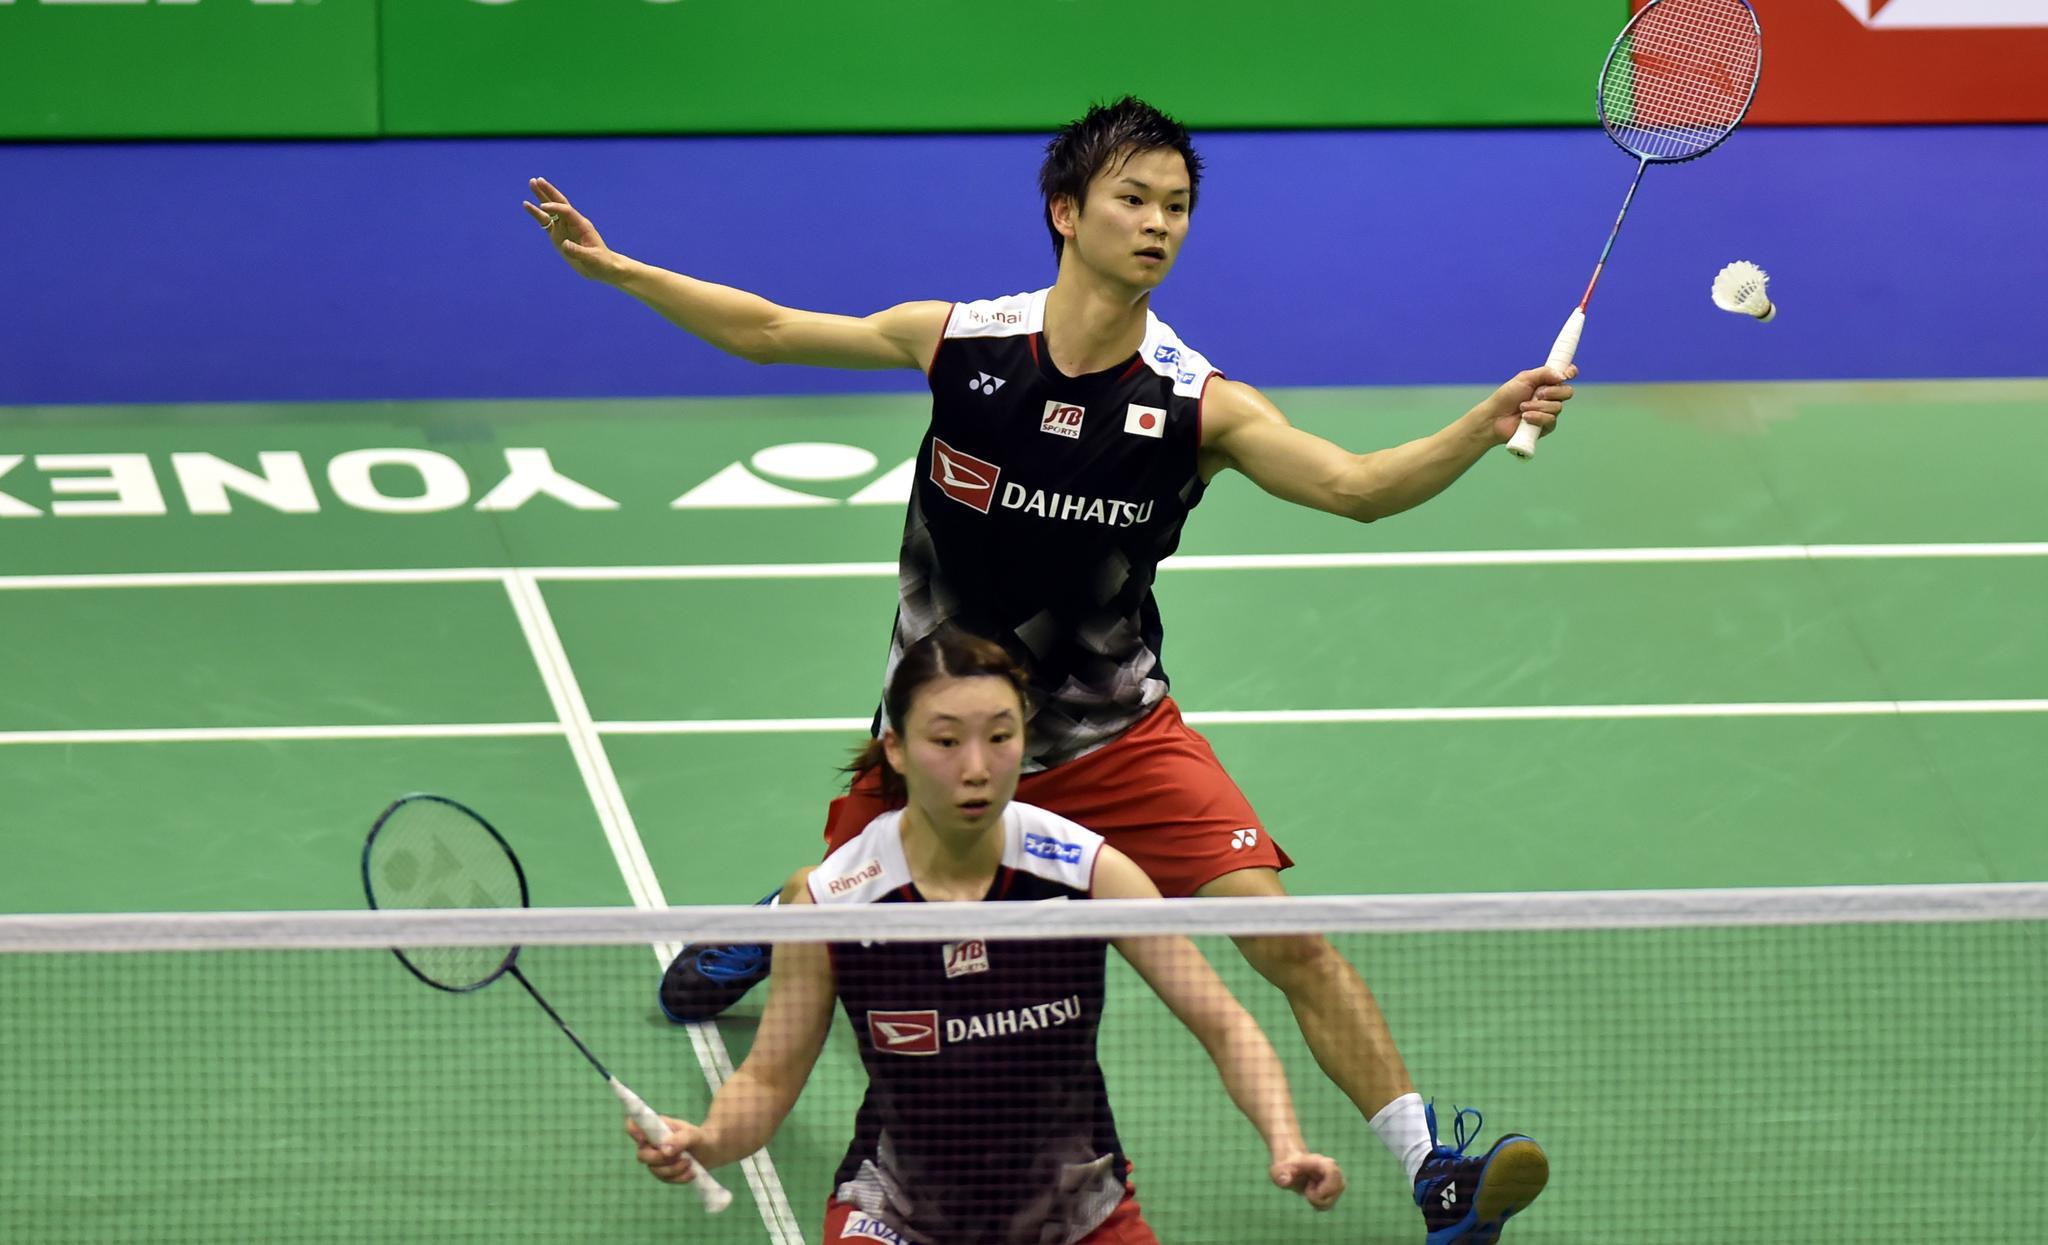 羽毛球——香港公开赛:何济霆/杜玥获得混双亚军